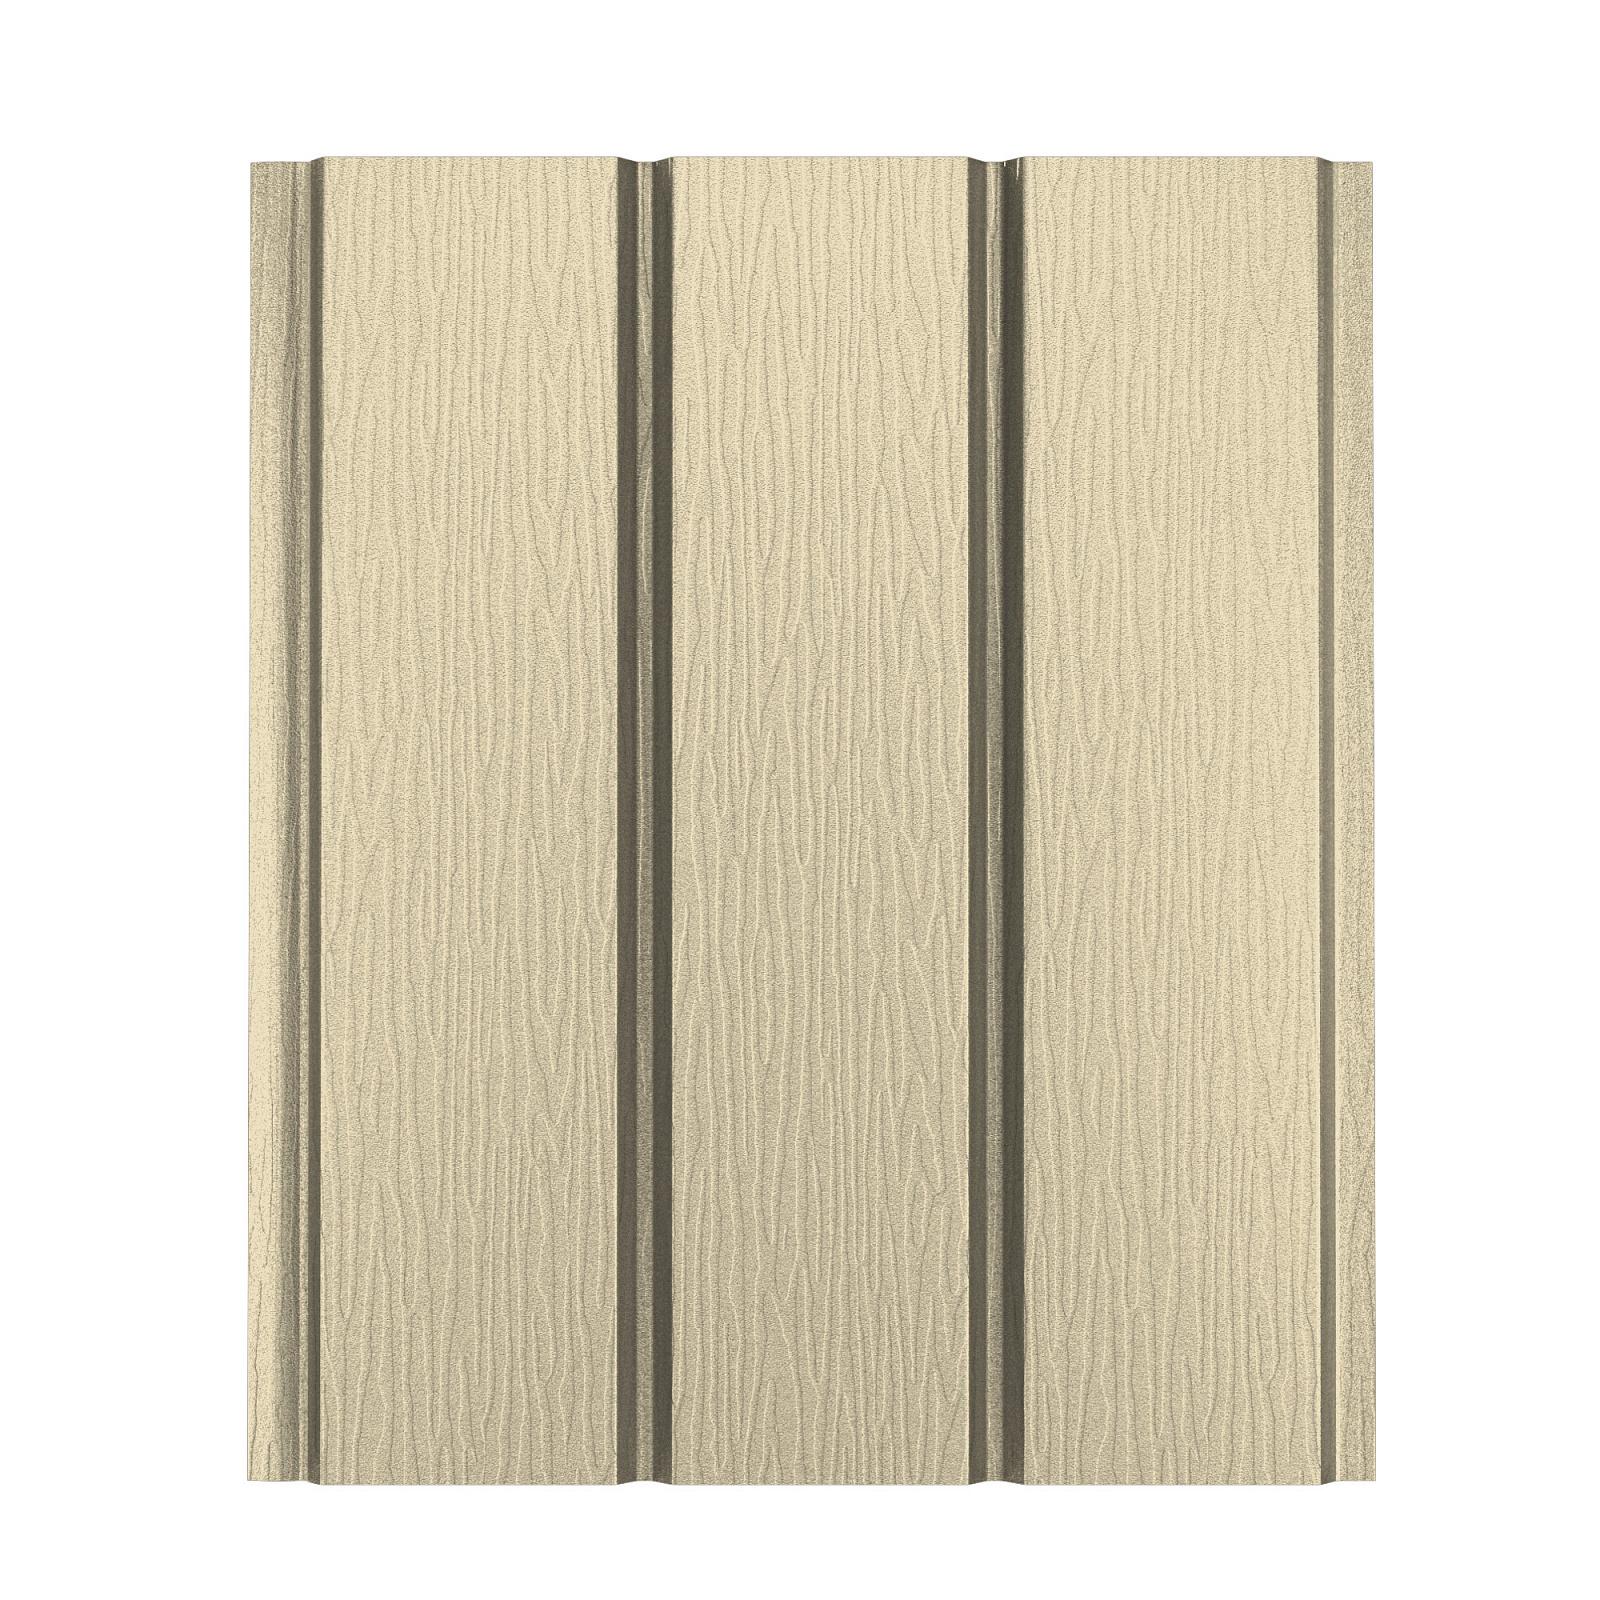 Софит алюминиевый без перфорации Aquasystem Polyester Matt, 2,4 м RAL 1005